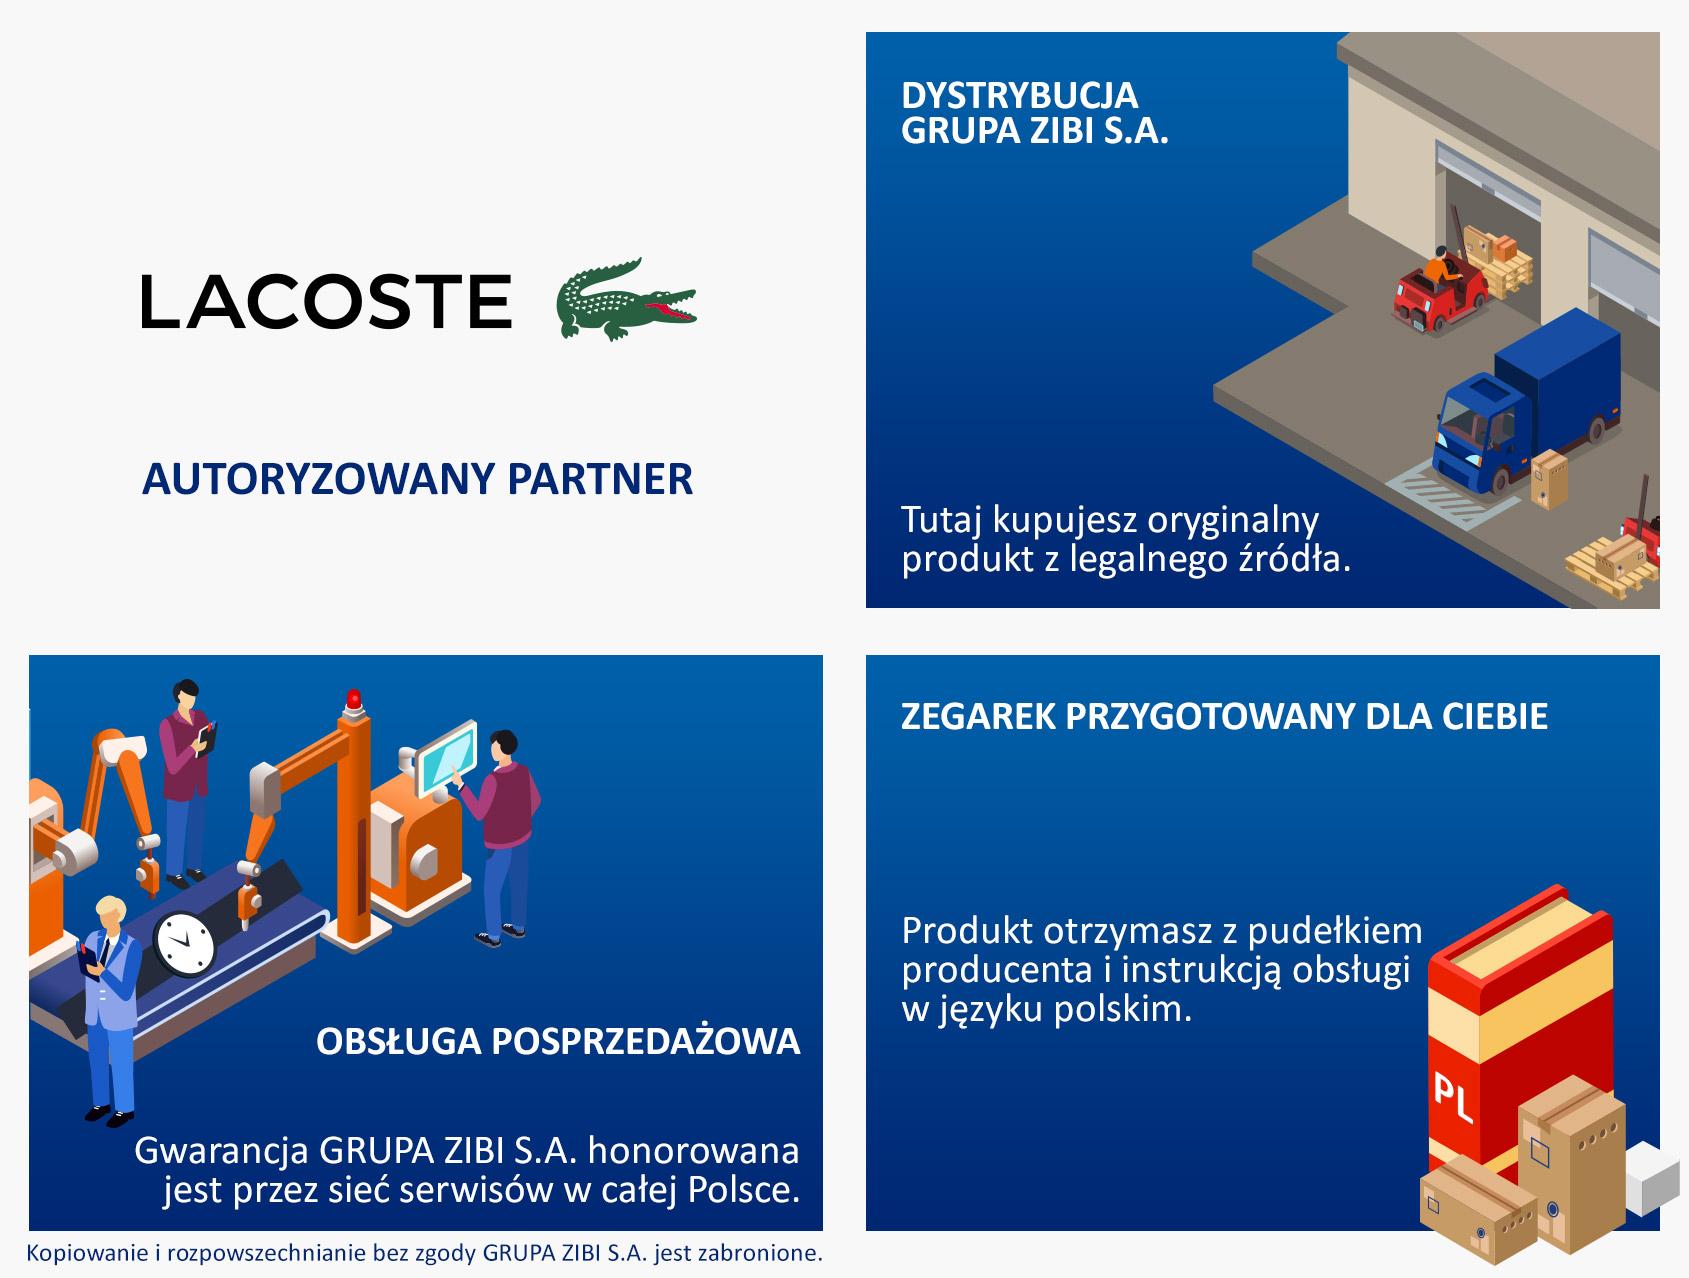 certyfikat sklep Demus jako autoryzowanego sprzedawcy LACOSTE